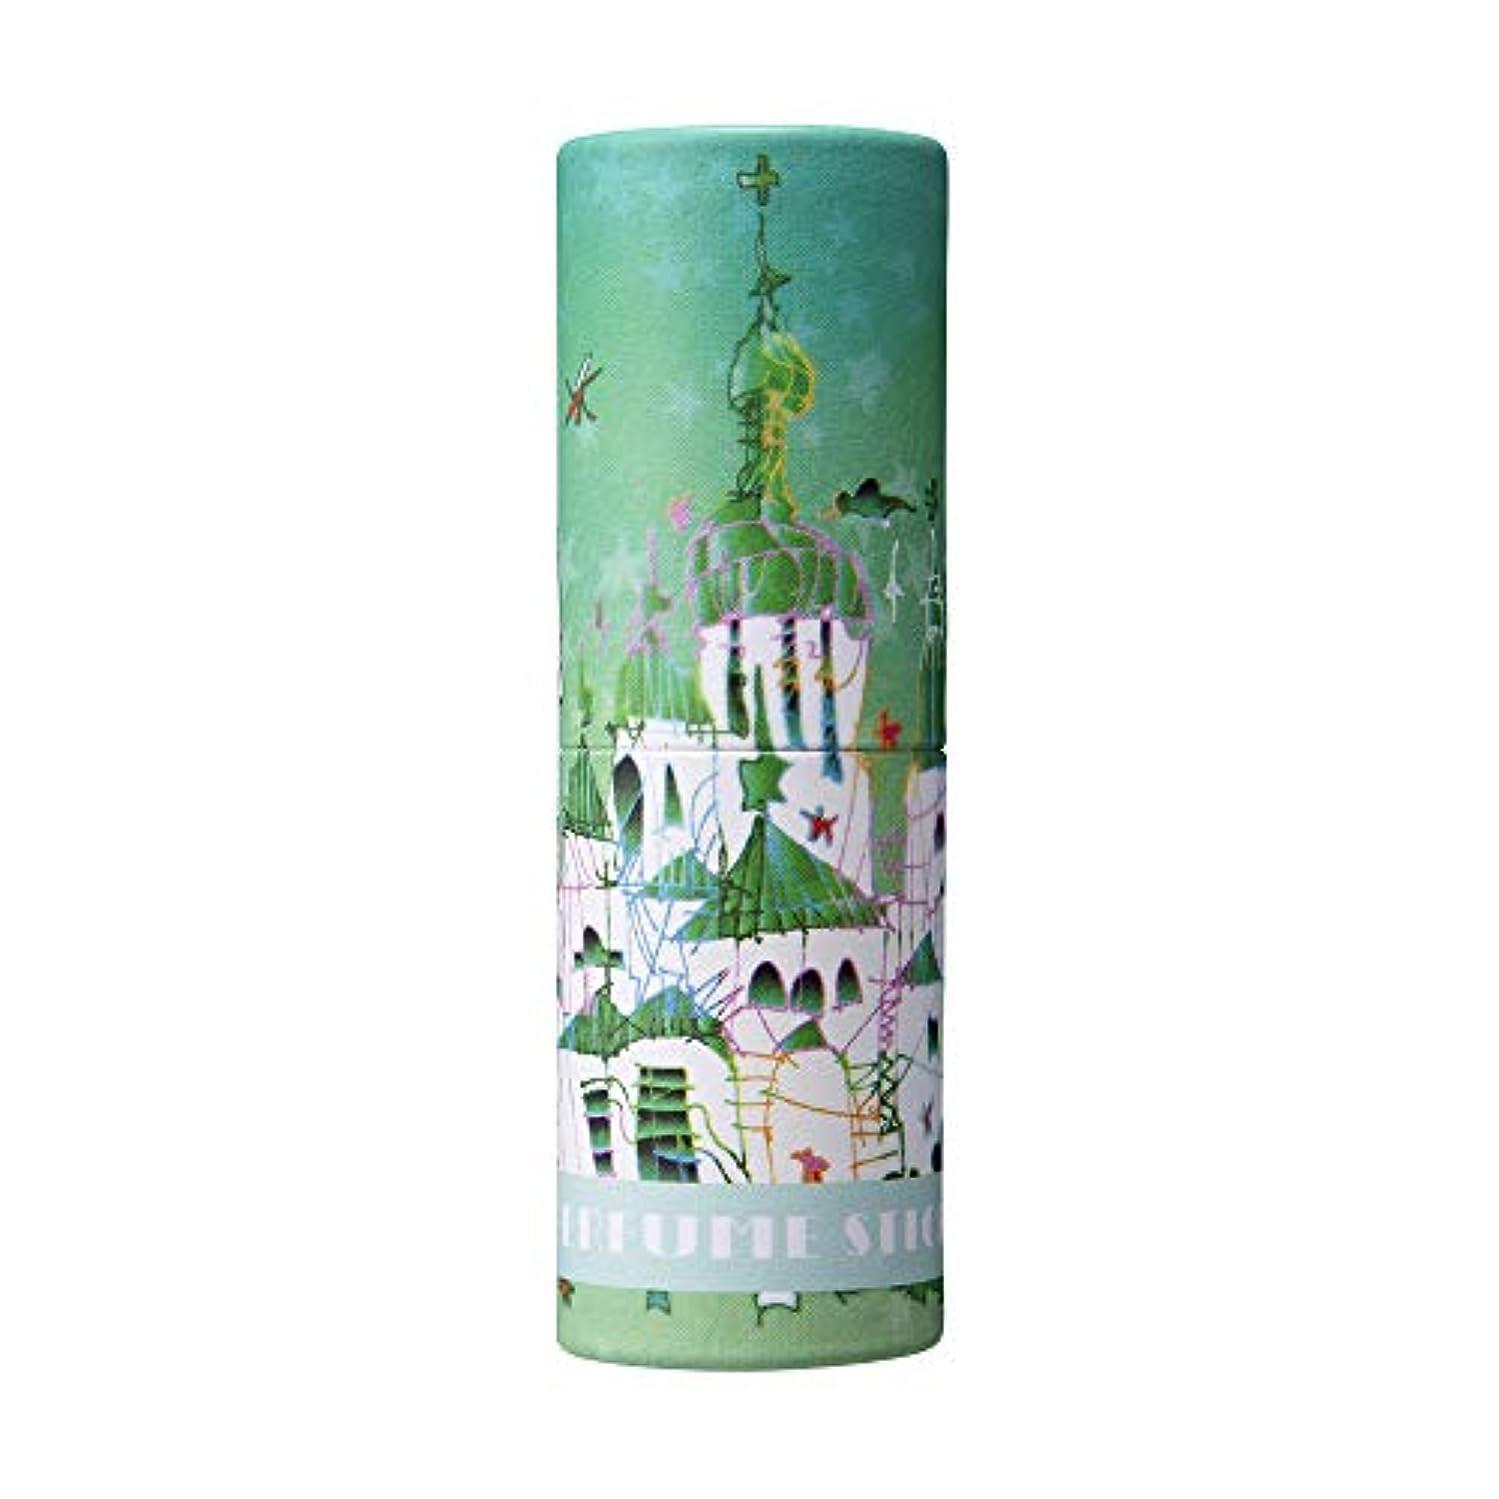 シャーロットブロンテ今日ブラインドパフュームスティック サンクス グリーンアップル&ムスクの香り 世界遺産デザイン 5g